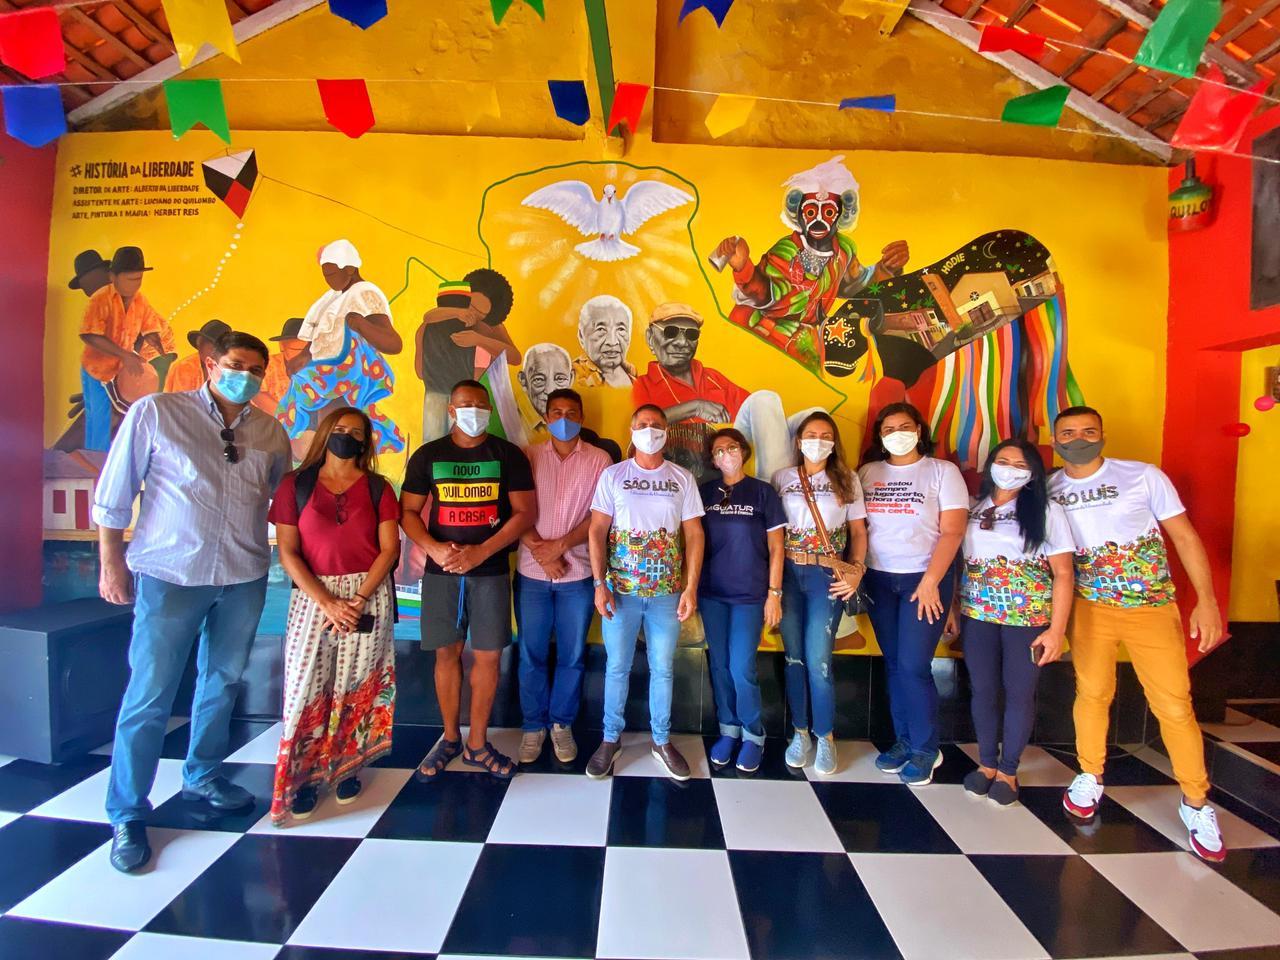 Em Visita técnica a negócios criativos de São Luís, Sebrae prospecta produtos com potencial para serem incorporados a roteiros turísticos na capital ¬ – Foto: Divulgação